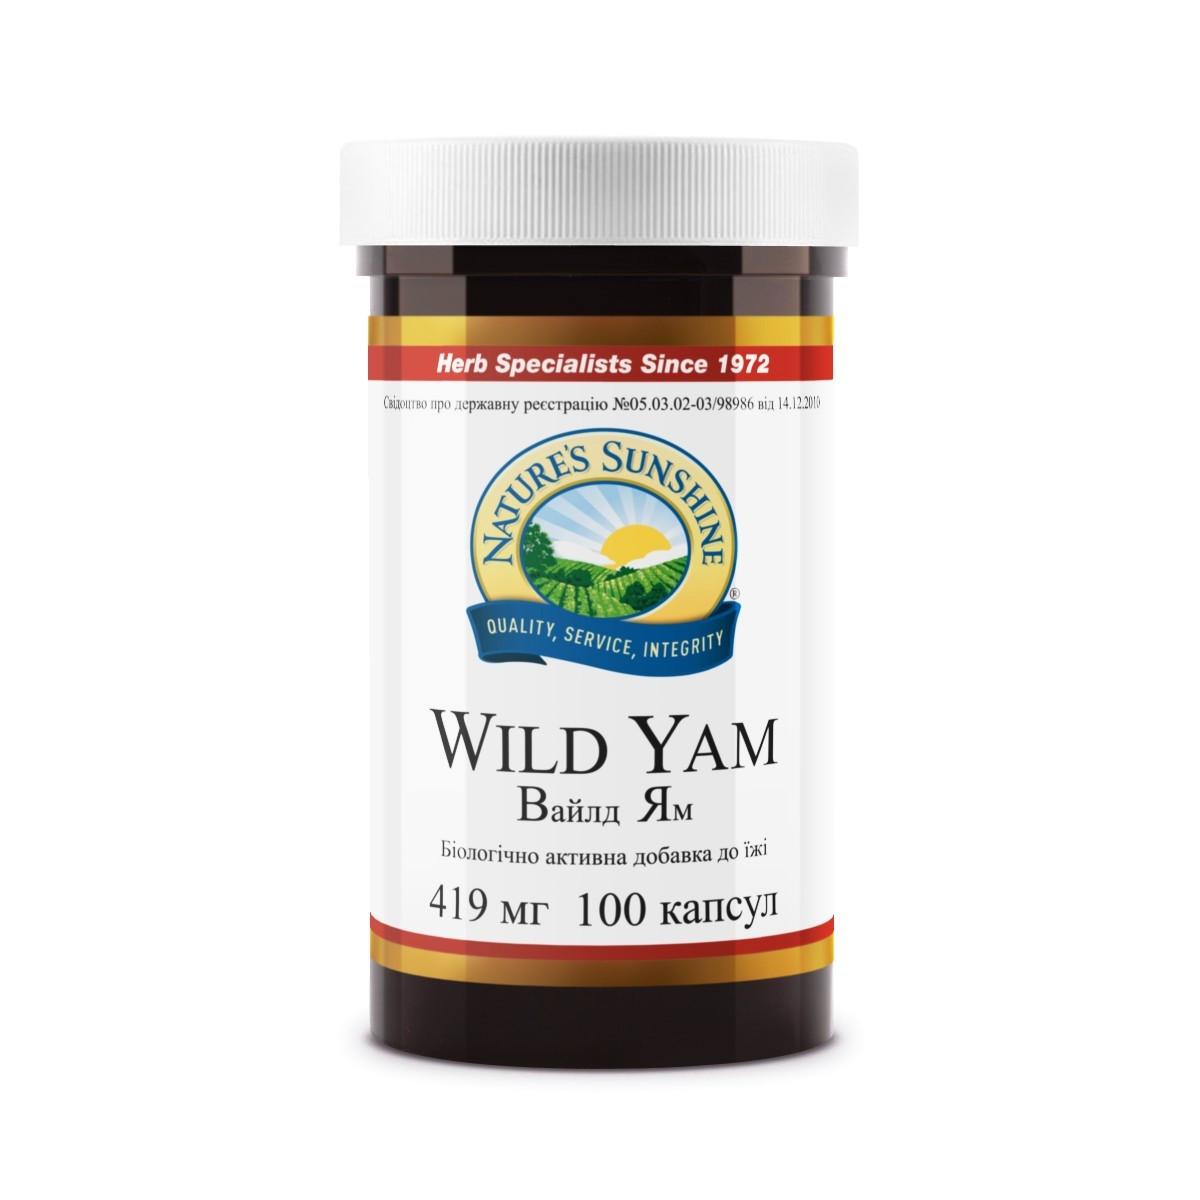 Wild Yam Дикий Ямс, НСП, NSP, США.  Нормализует гормональный статус женского организма.